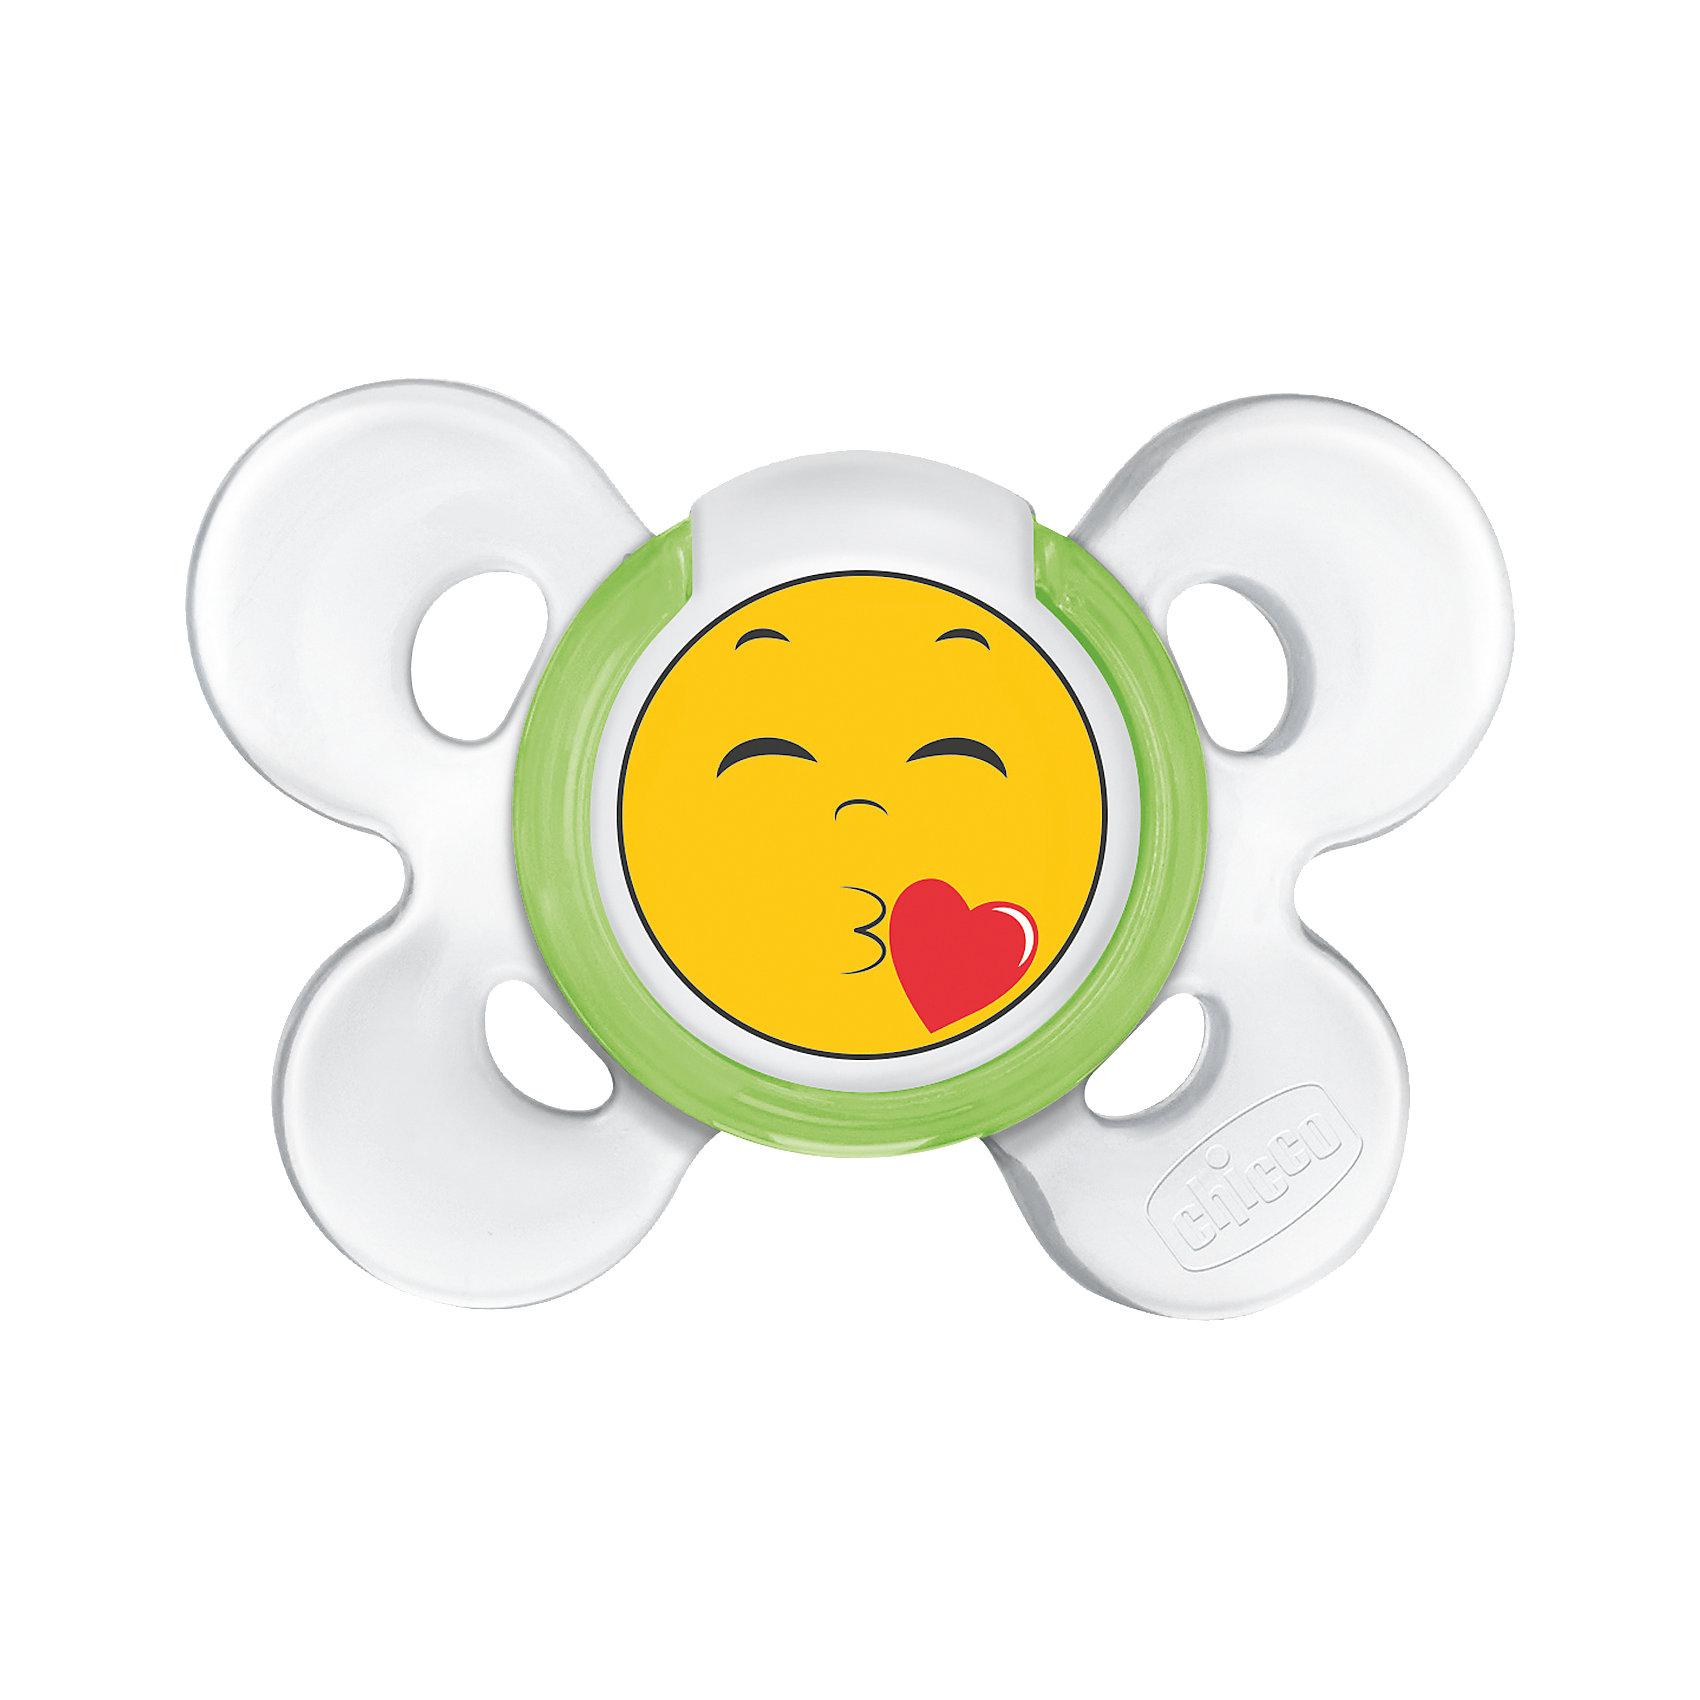 Пустышка Physio Comfort Smile, 6-12 мес., сил., CHICCOОртодонтическая пустышка Physio Comfort Smile от Chicco(Чикко)  предназначена для детей с 6 до 12 месяцев. Пустышка изготовлена с учетом анатомических особенностей ребенка и обеспечит максимально комфортное использование.<br><br>Особенности:<br>-удобная форма облегчит дыхание благодаря большому свободному пространству вокруг носа и подбородка<br>-широкое углубленное основание соски обеспечит правильный захват, максимально приближенный к естественному<br>-4 небольших опоры для личика<br>-разработана с помощью ведущих ортодонтов<br><br>Дополнительная информация:<br>Материал: силикон<br>Возраст: с 6 до 12 месяцев<br><br>Пустышку Physio Comfort Smile  Chicco(Чикко) вы можете приобрести в нашем интернет-магазине.<br><br>Ширина мм: 140<br>Глубина мм: 84<br>Высота мм: 47<br>Вес г: 36<br>Возраст от месяцев: 6<br>Возраст до месяцев: 12<br>Пол: Унисекс<br>Возраст: Детский<br>SKU: 4622993